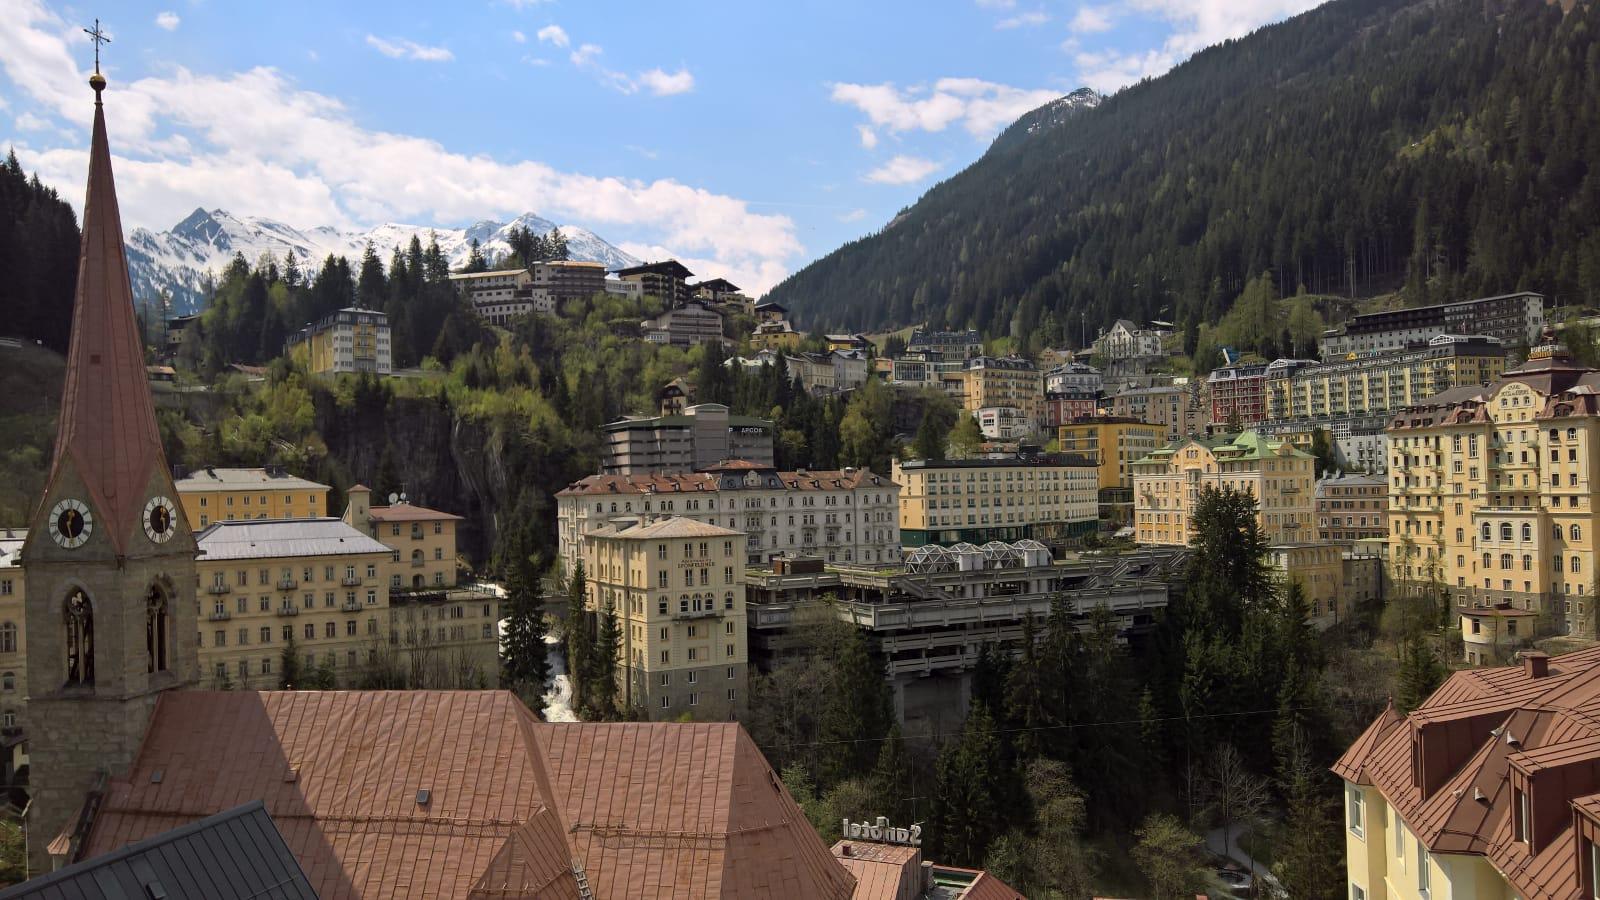 Viaggio a Bad Gastein: la vera attrazione è l'acqua